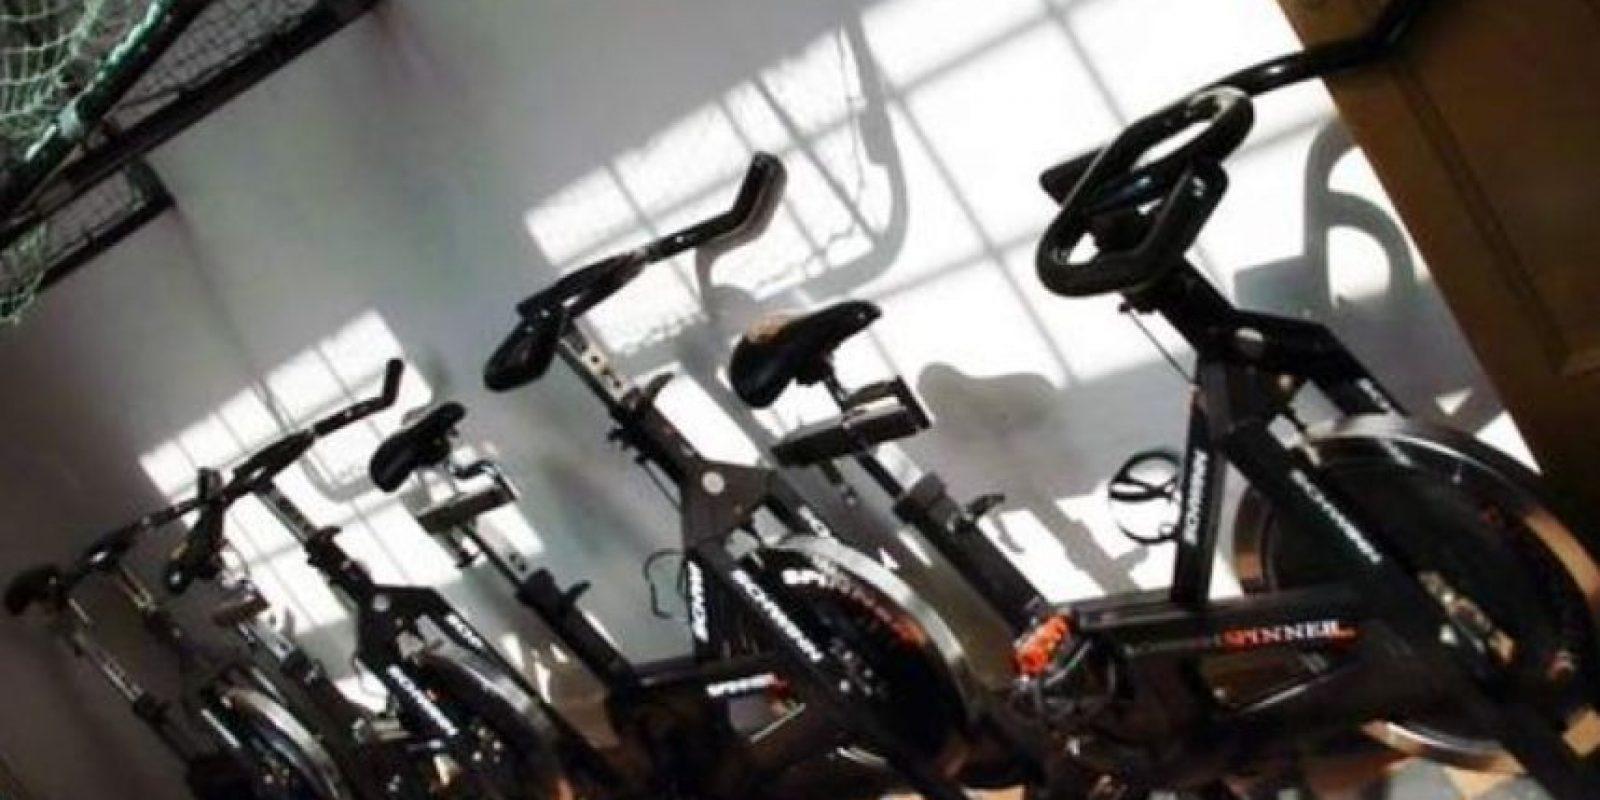 Al parecer la prisión Bastoy tiene un gimnasio bien equipado. Foto:Pinterest